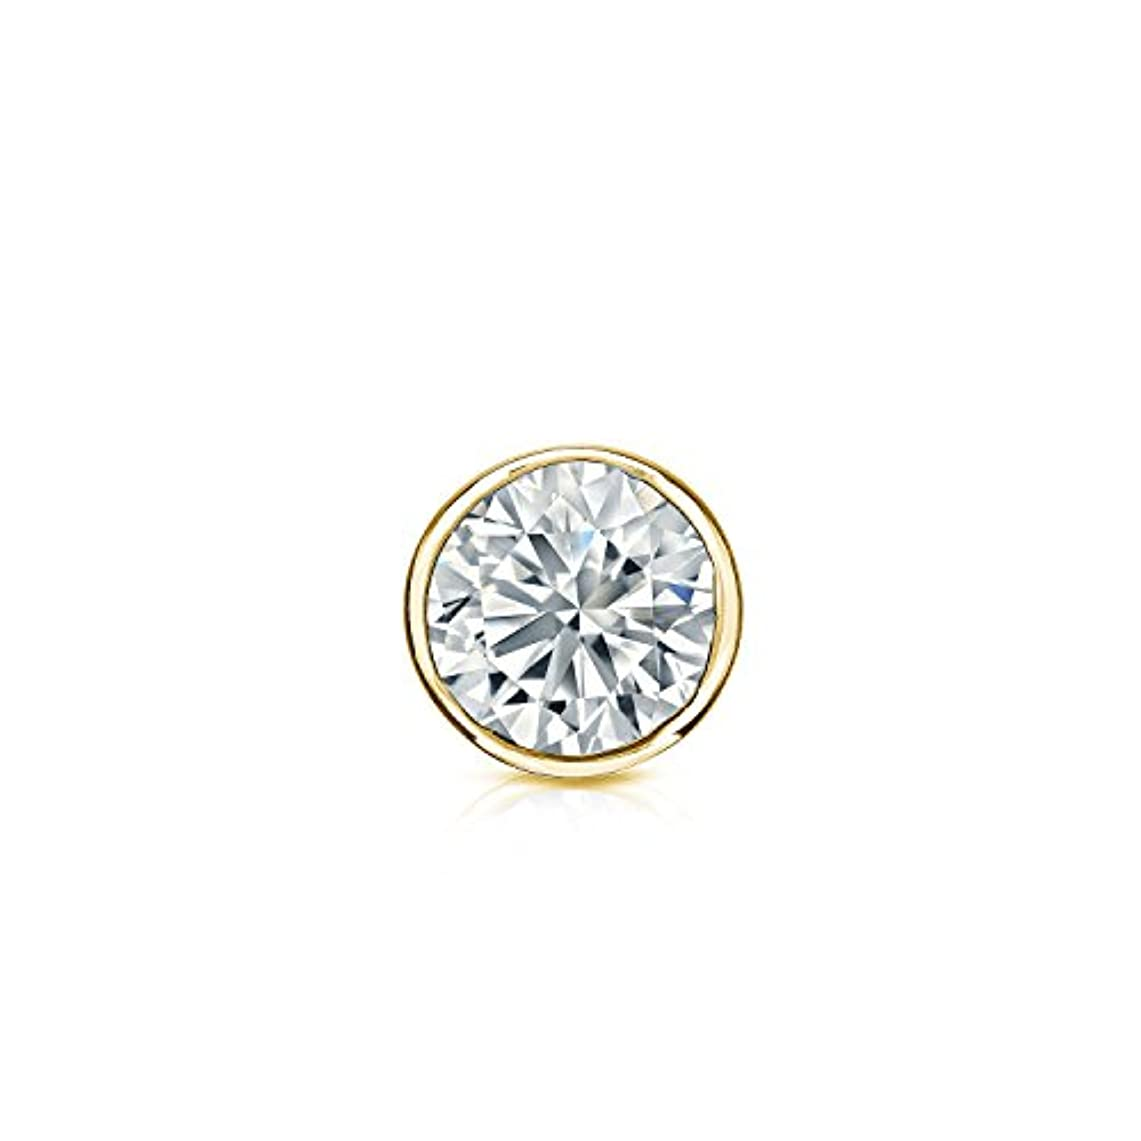 質量構造王位14 Kホワイトゴールドbezel-setラウンドダイヤモンドシングルスタッドイヤリング( 1 / 8 – 1 CT、G - H、vs2-si1 ) screw-back